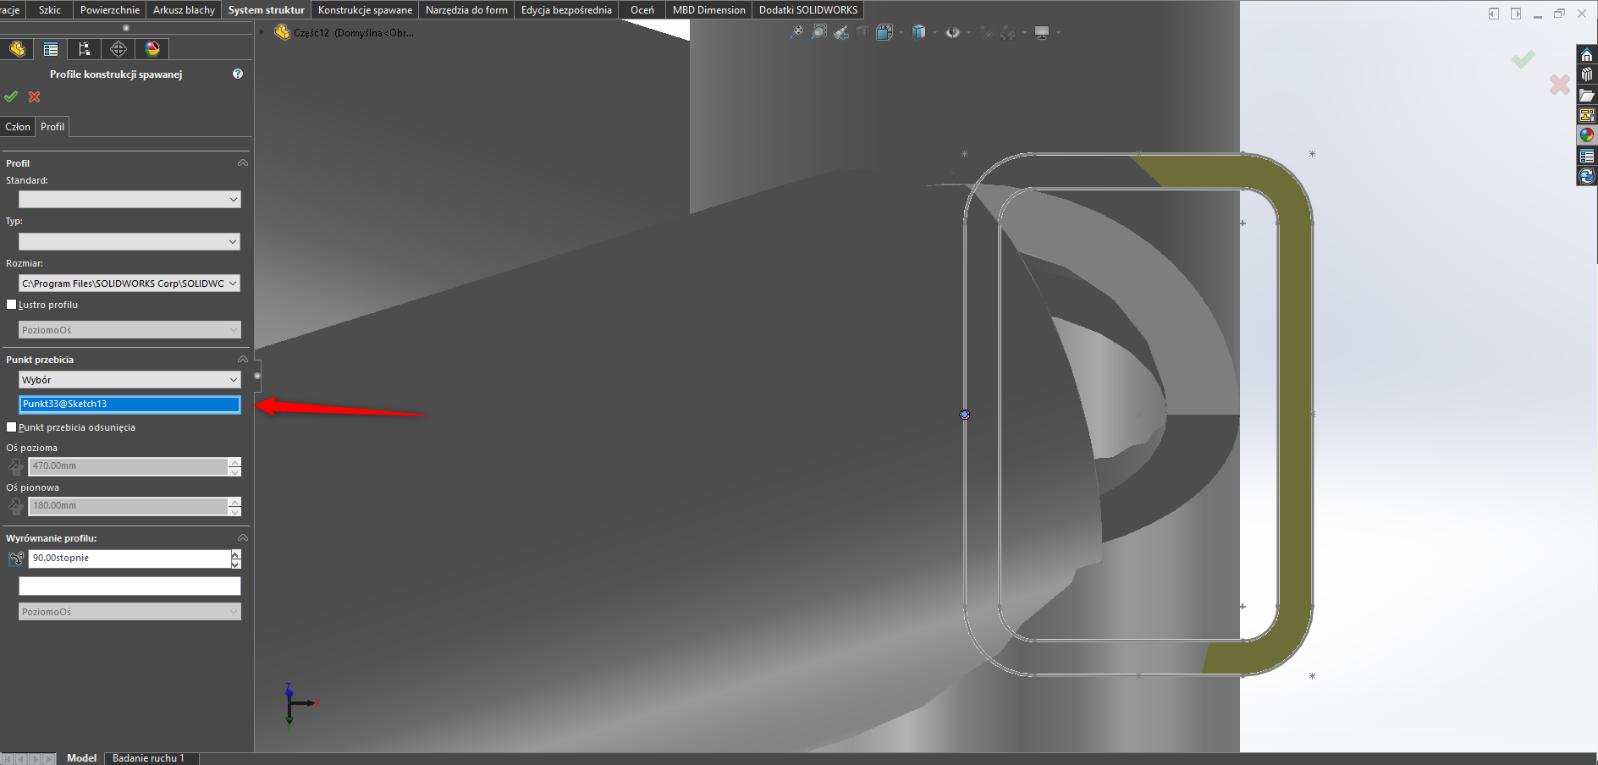 Obraz zawierający zrzut ekranu, komputer Opis wygenerowany automatycznie